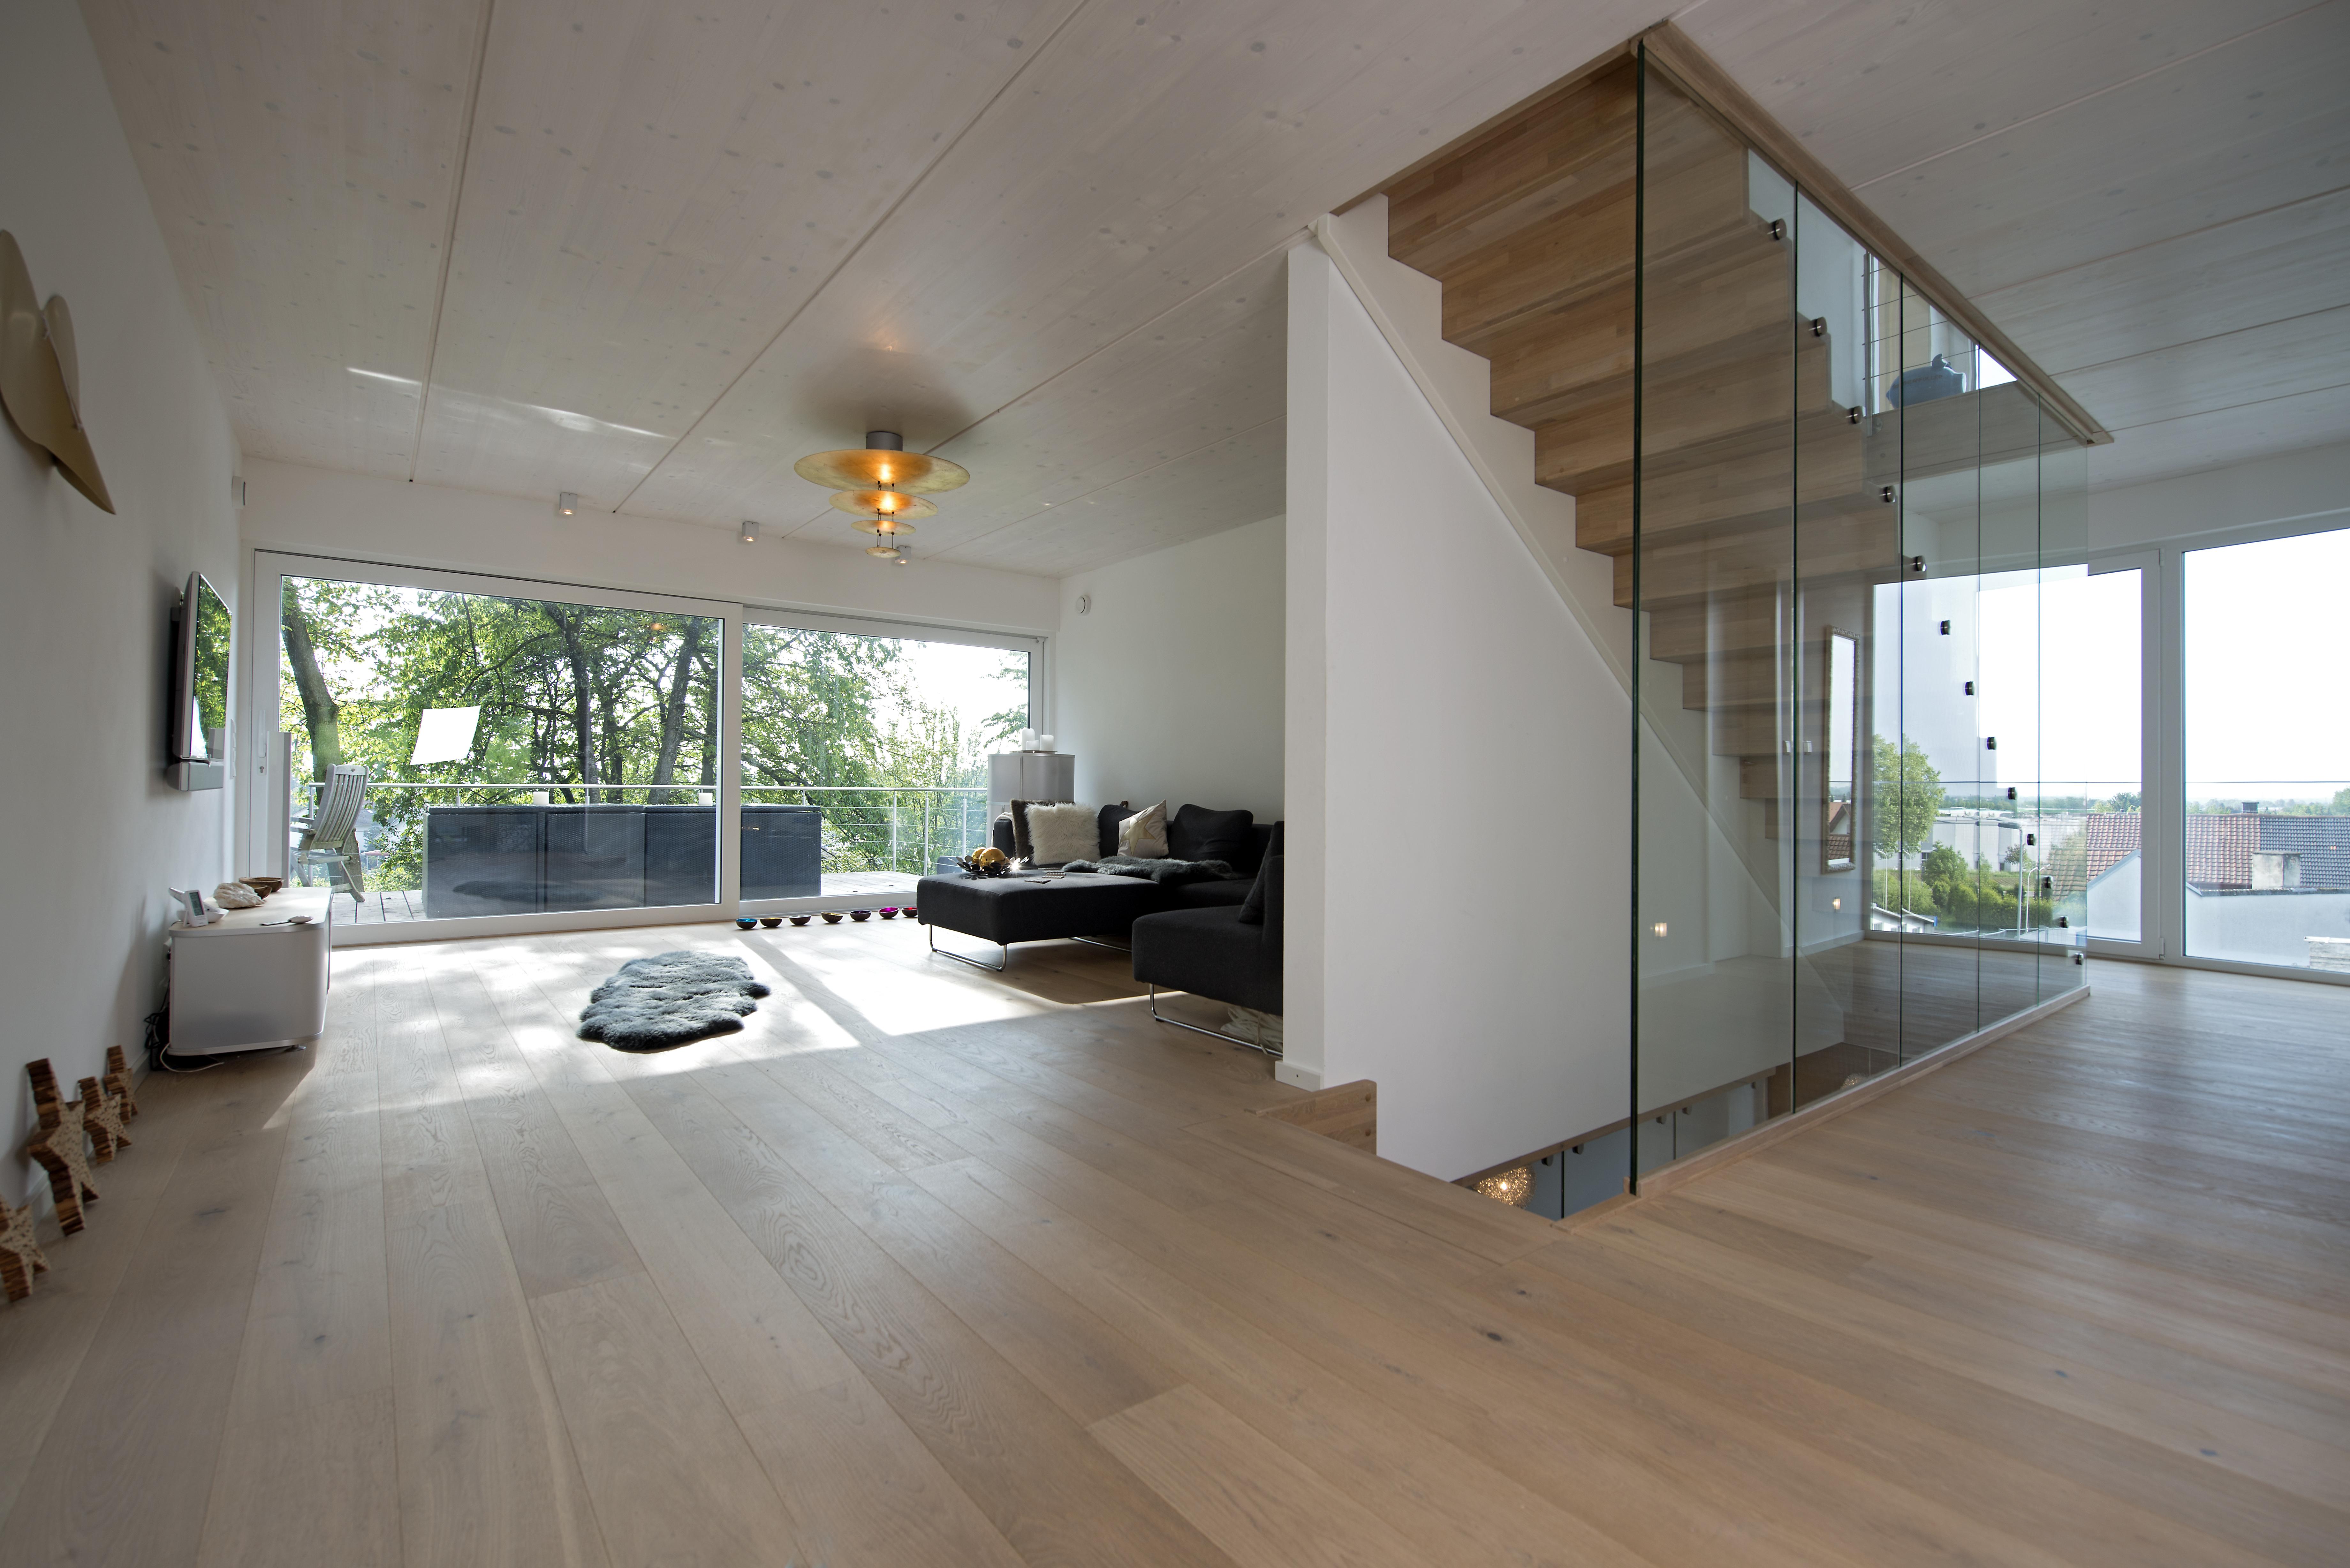 treppe im wohnzimmer | bnbnews.co, Wohnzimmer